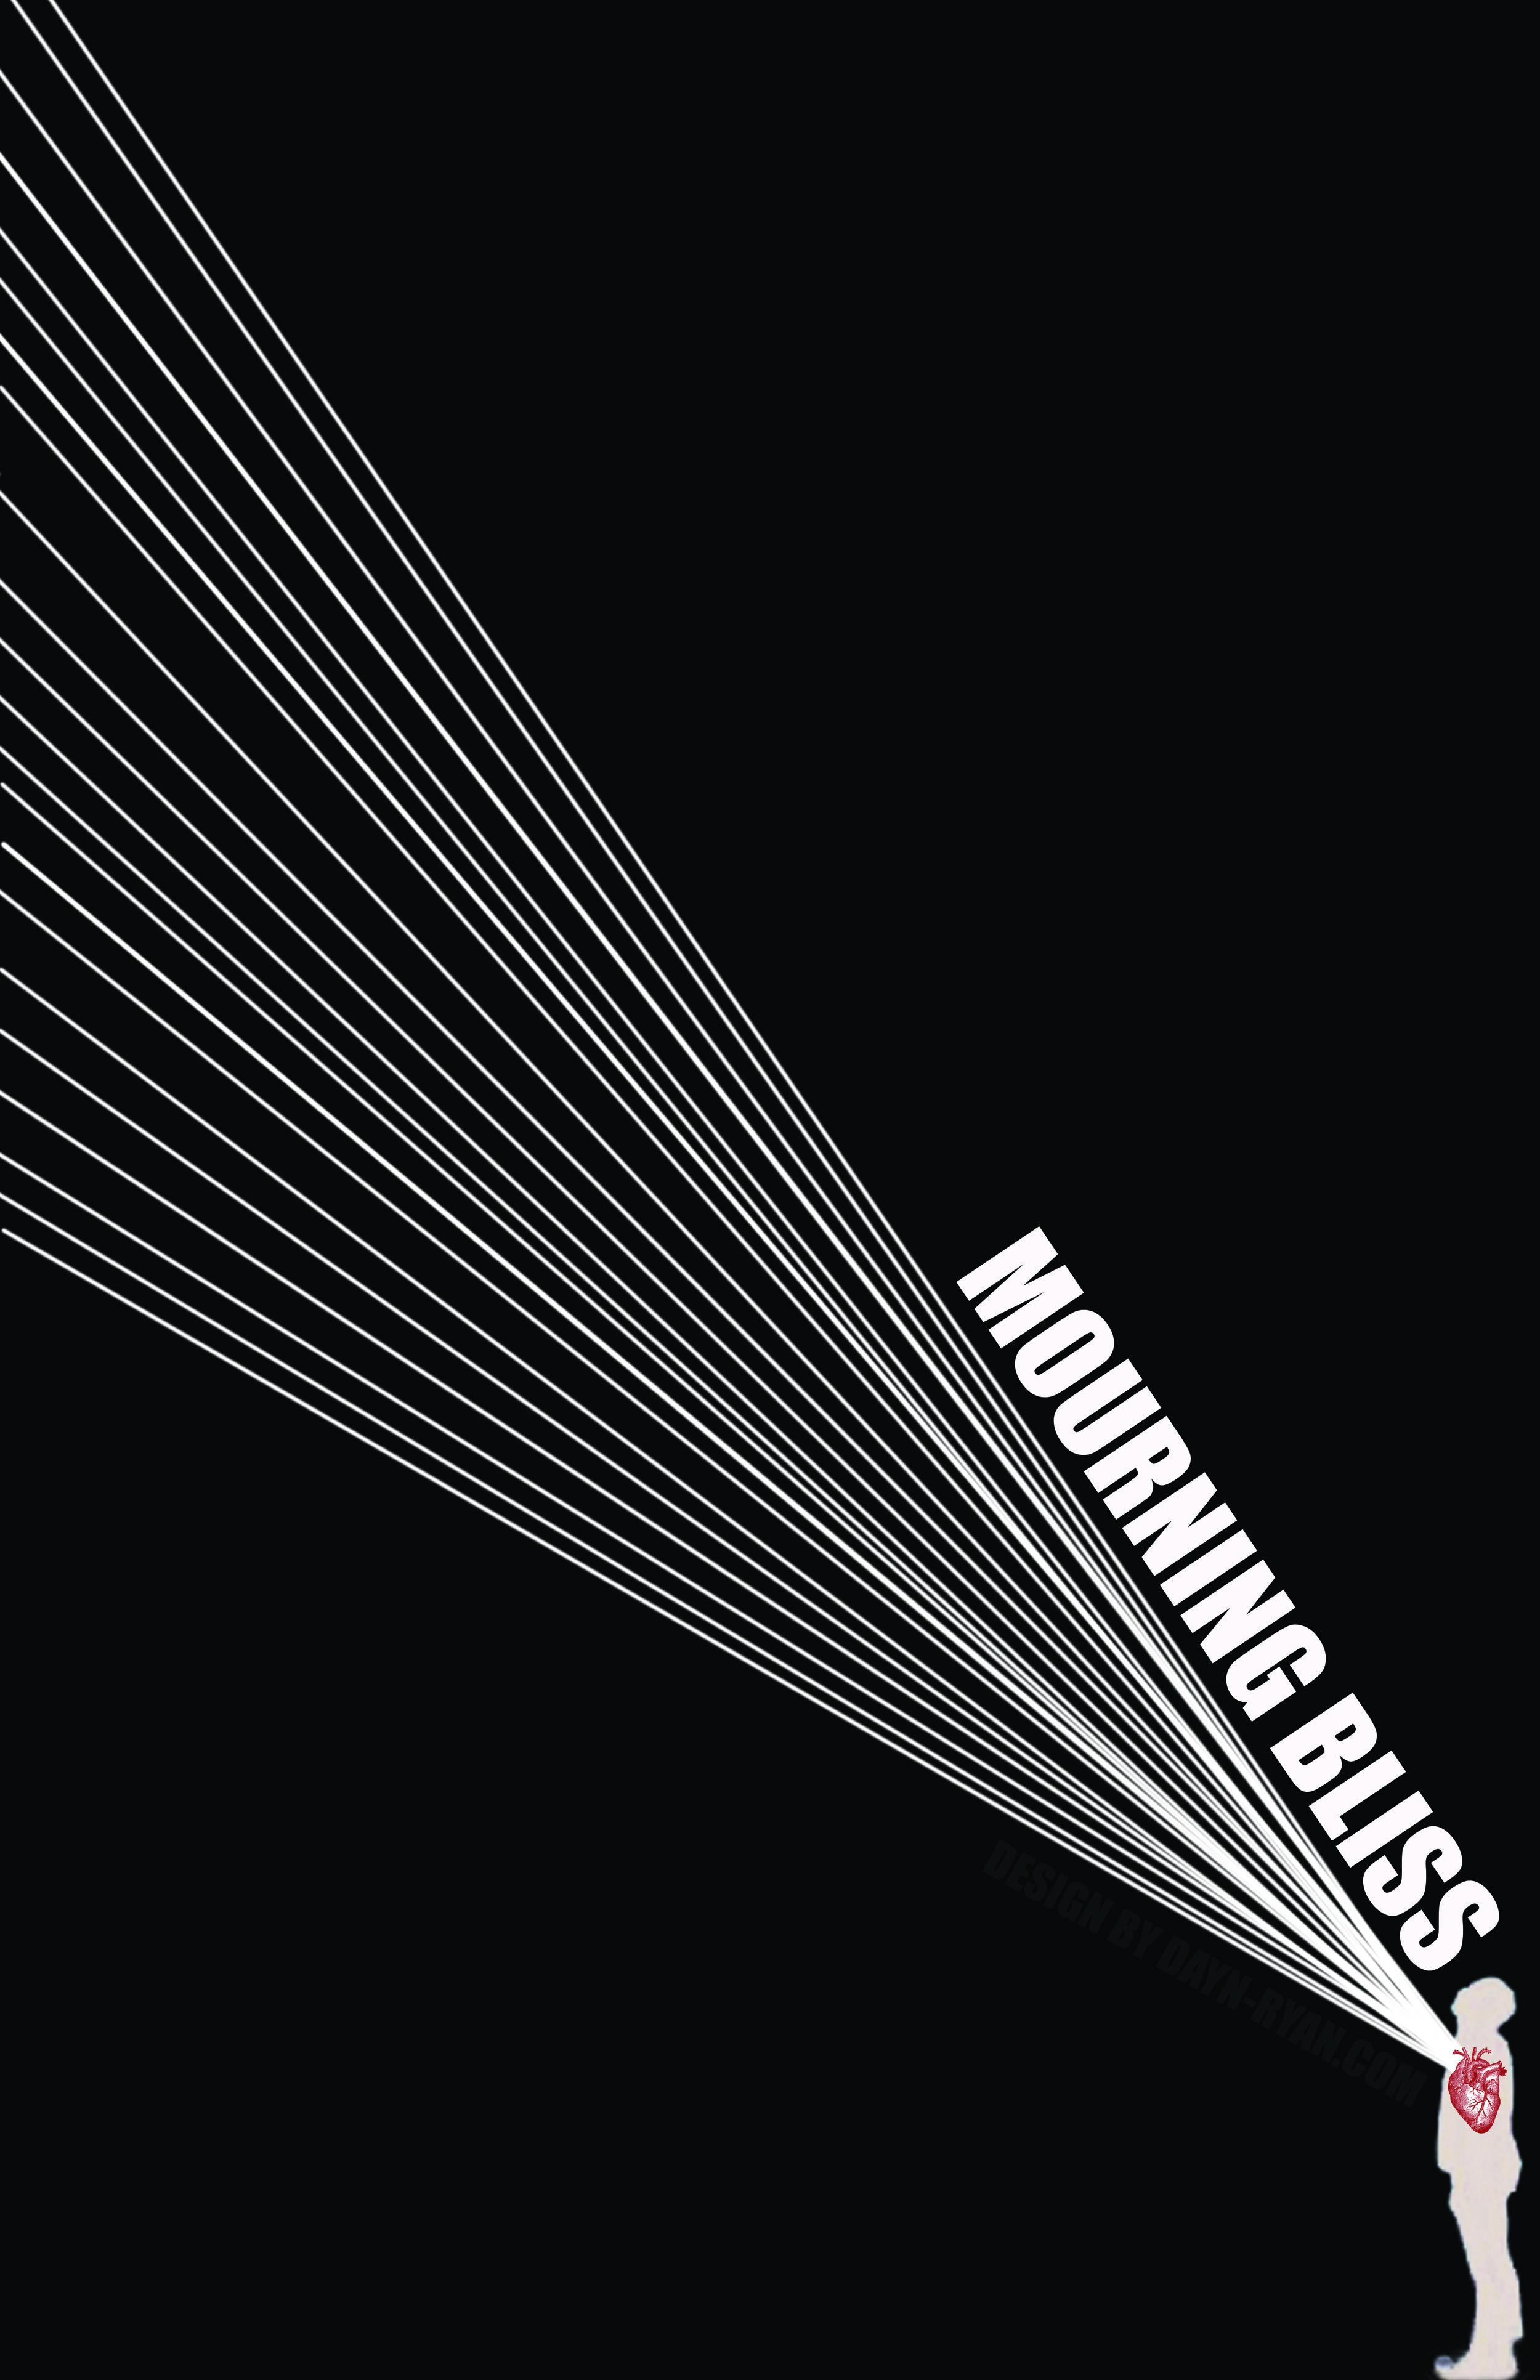 Poster 11 x 17 Mourning Bliss (2).jpg